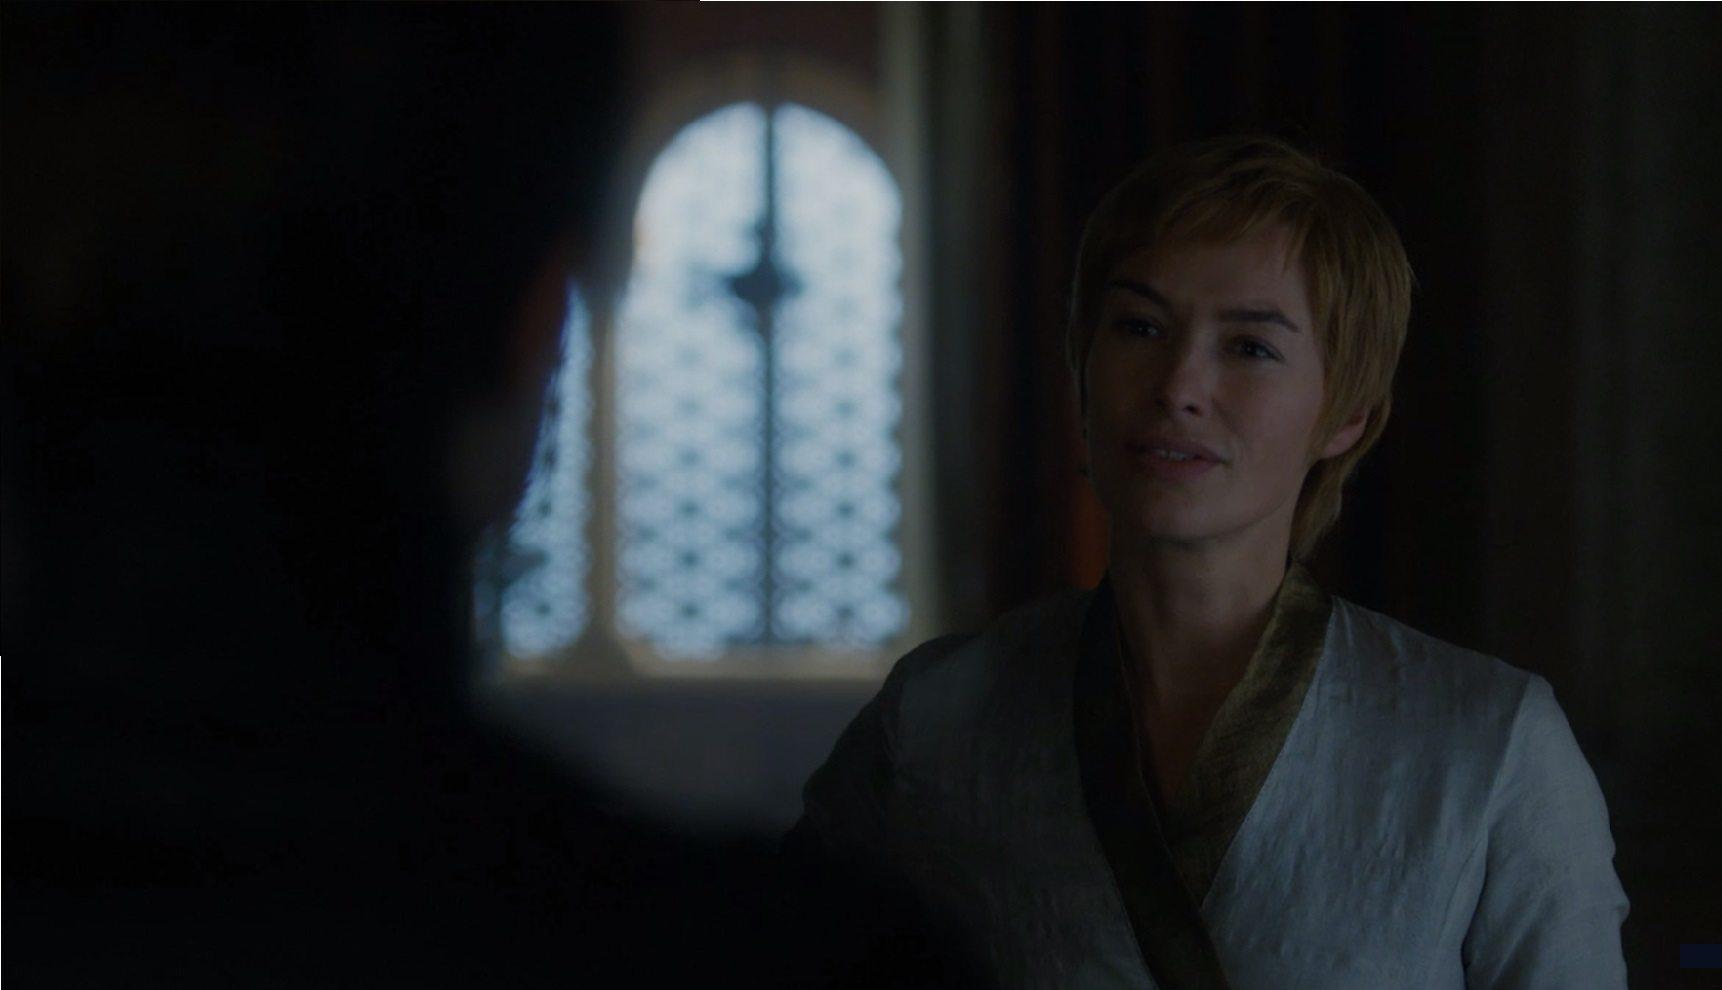 Die Gerechtigkeit der Königin Game of Thrones Staffel 7 Episode 3 S7E3 Cersei